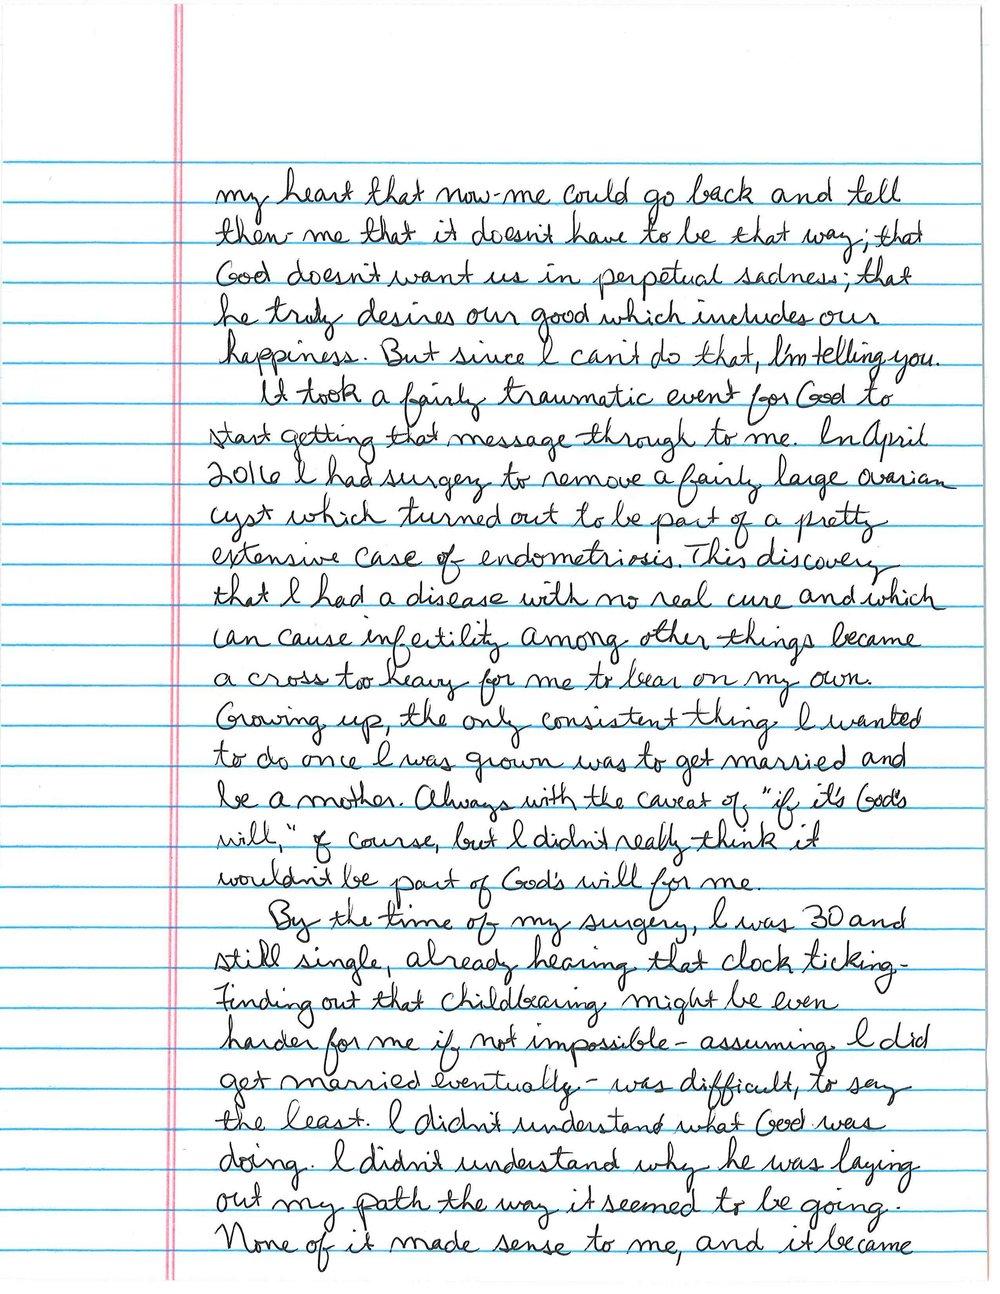 Susie Oppelt Letter pg 2.jpg